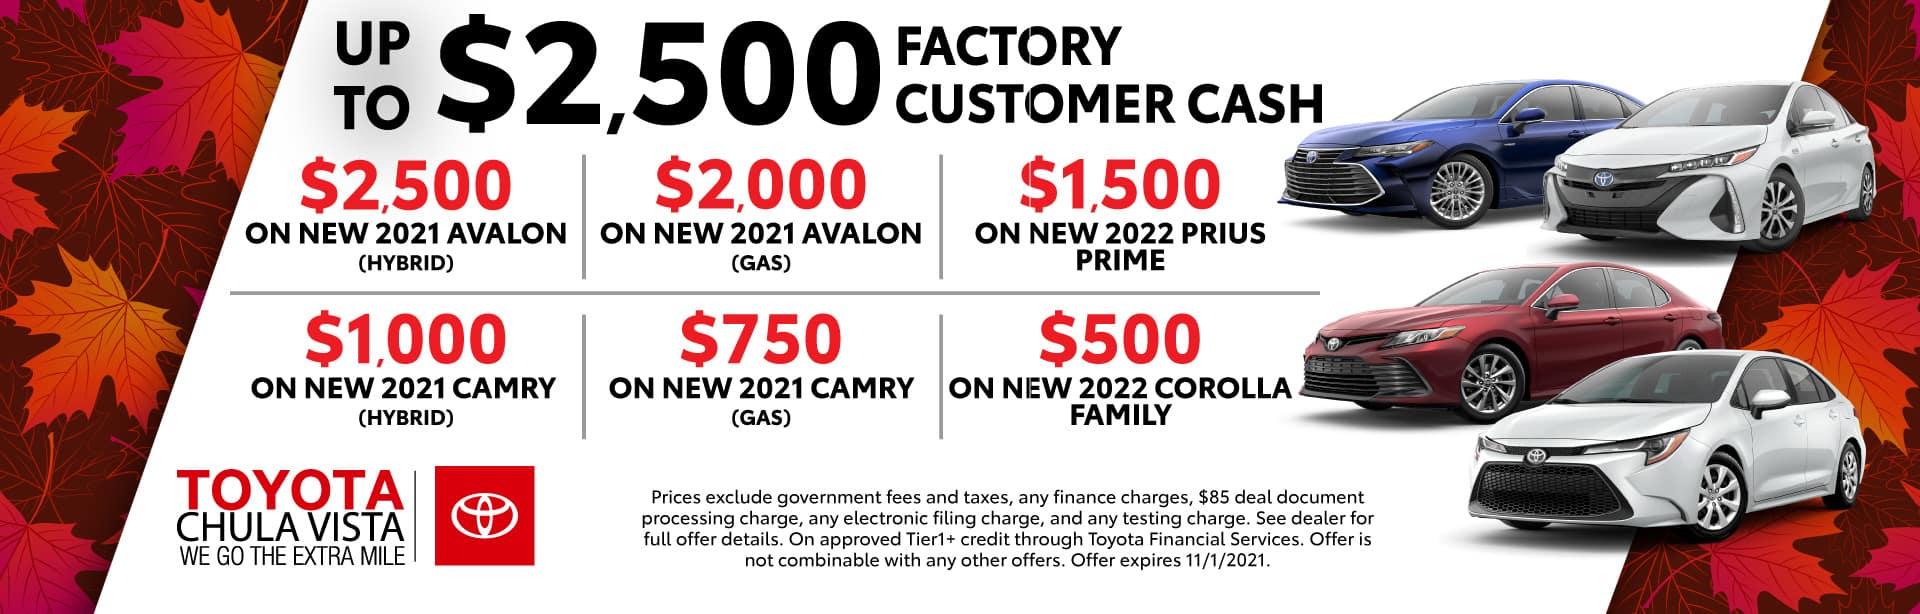 TCV_1920x614_Offers_Nov1_$2.5K_factory